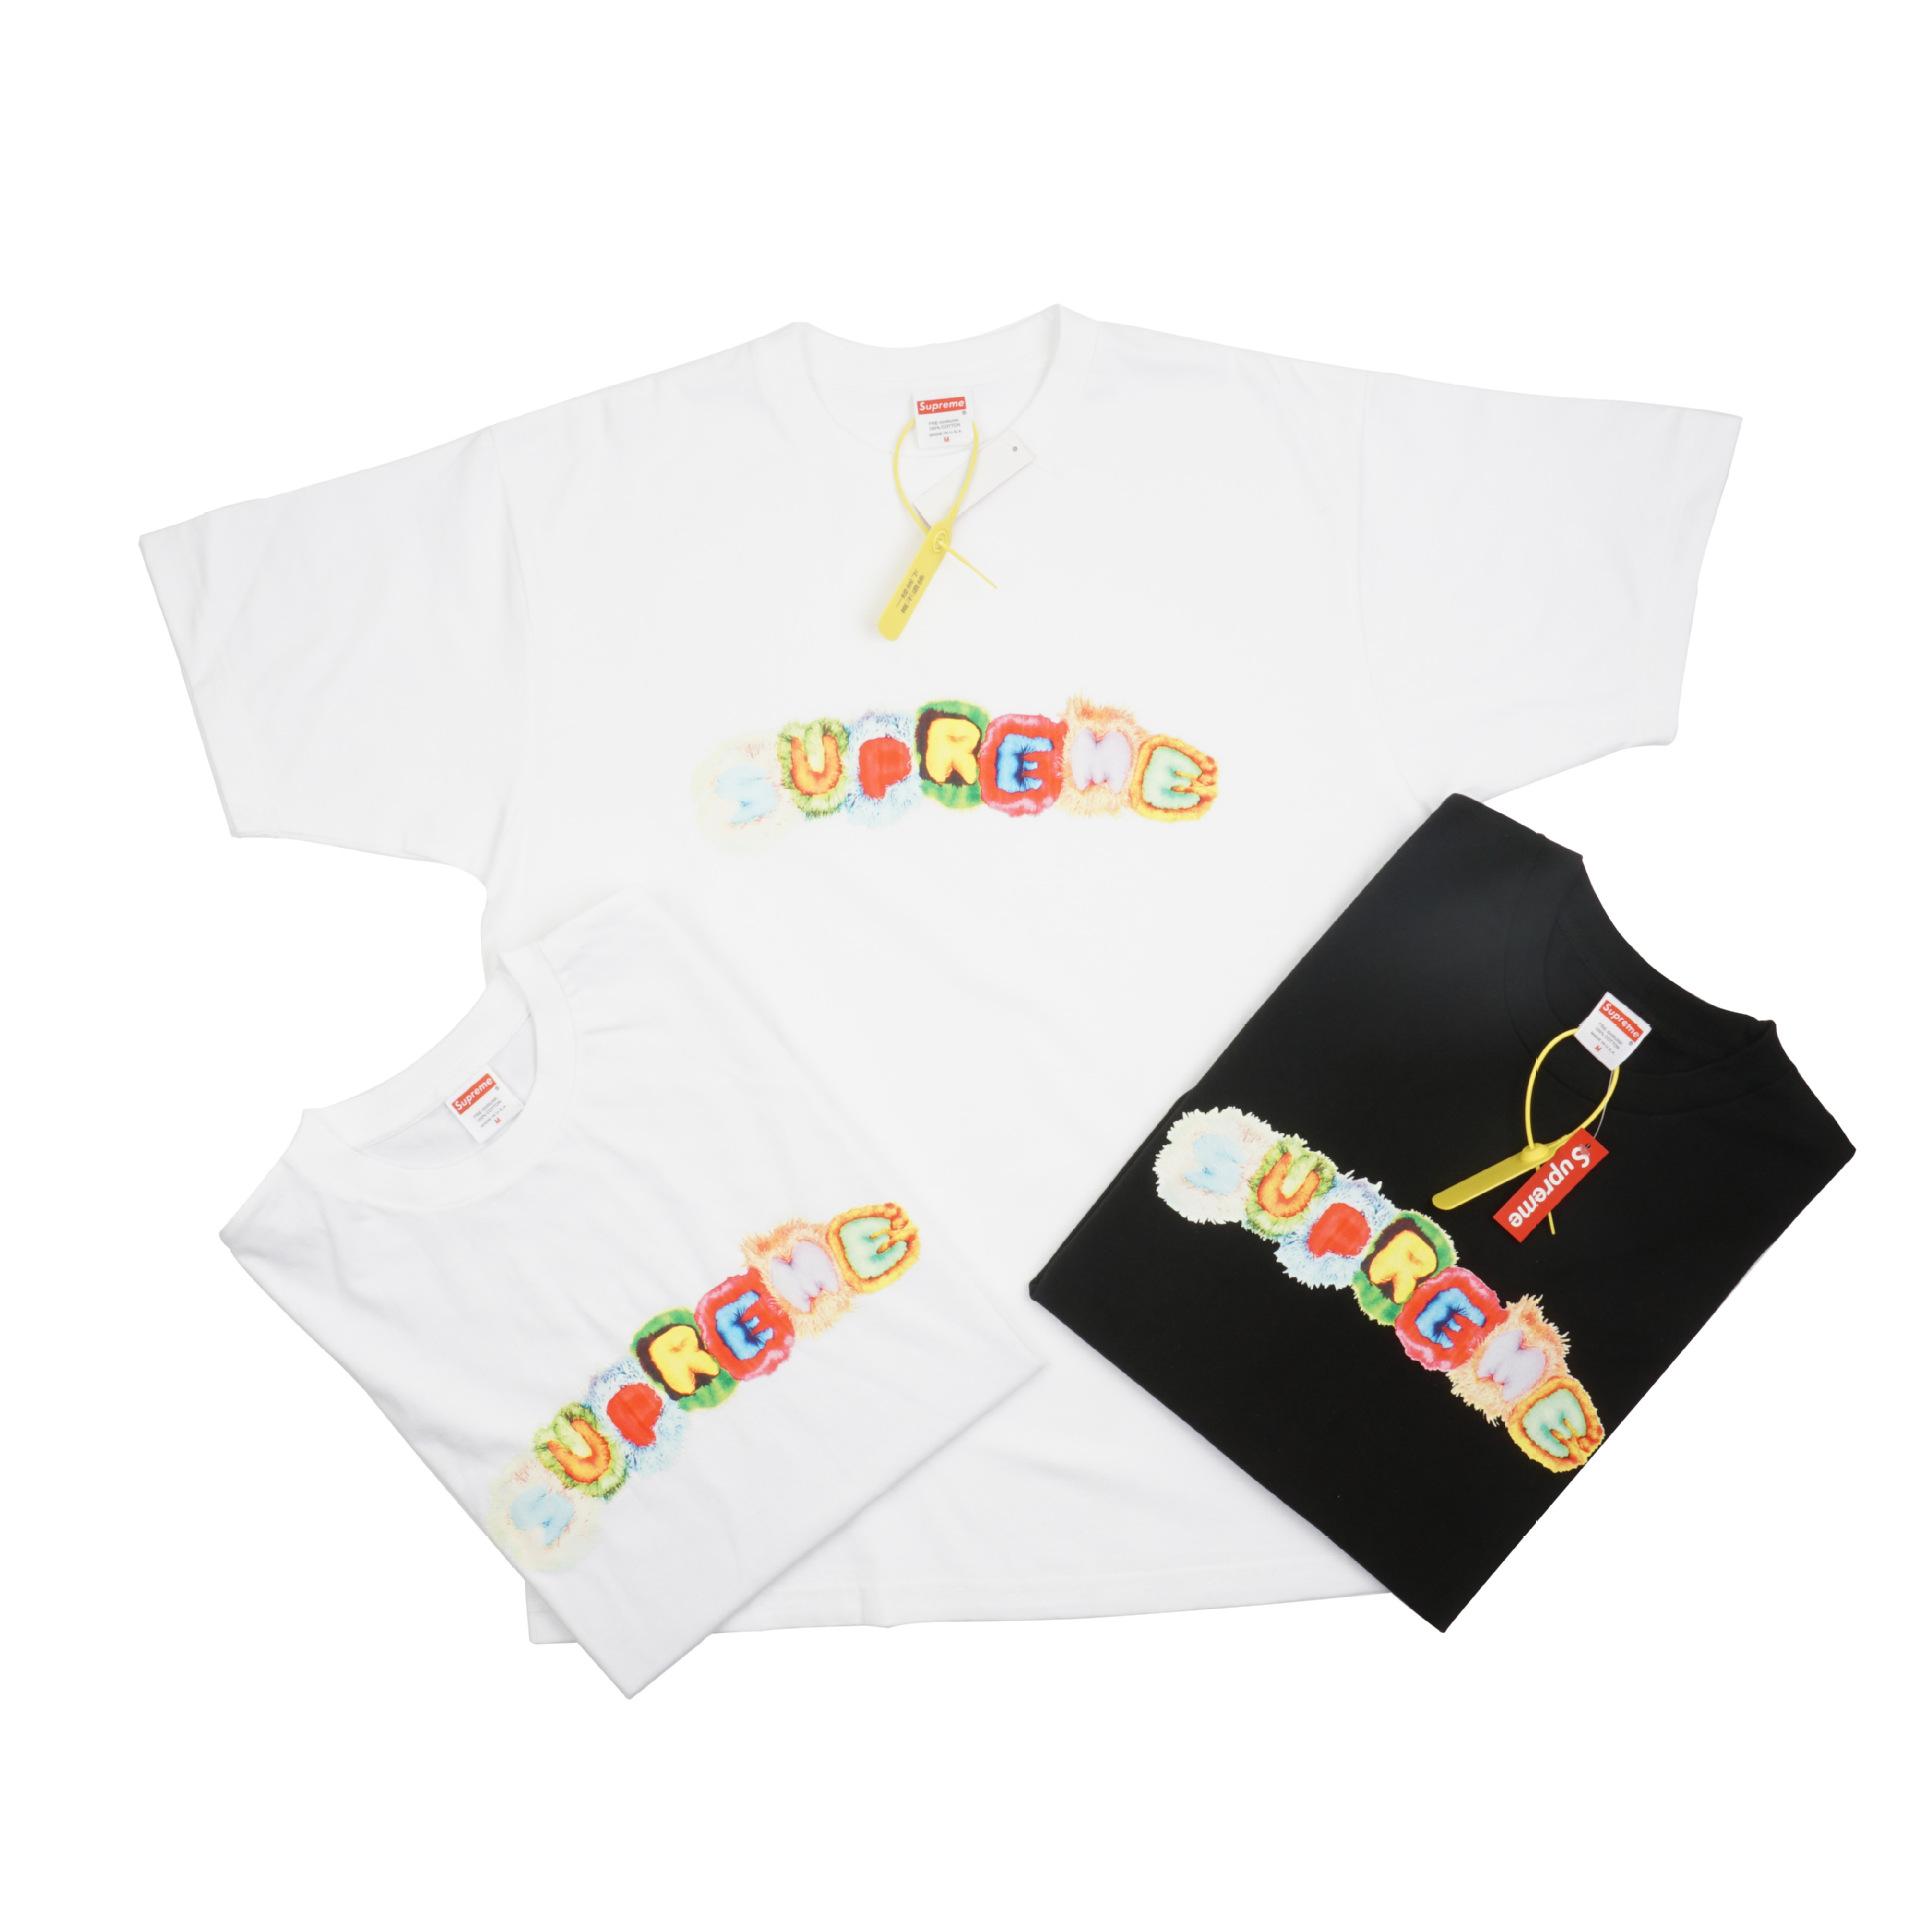 2020夏季新款Pillows Tee七彩糖果彩虹枕头抱枕男女情侣款短袖T恤